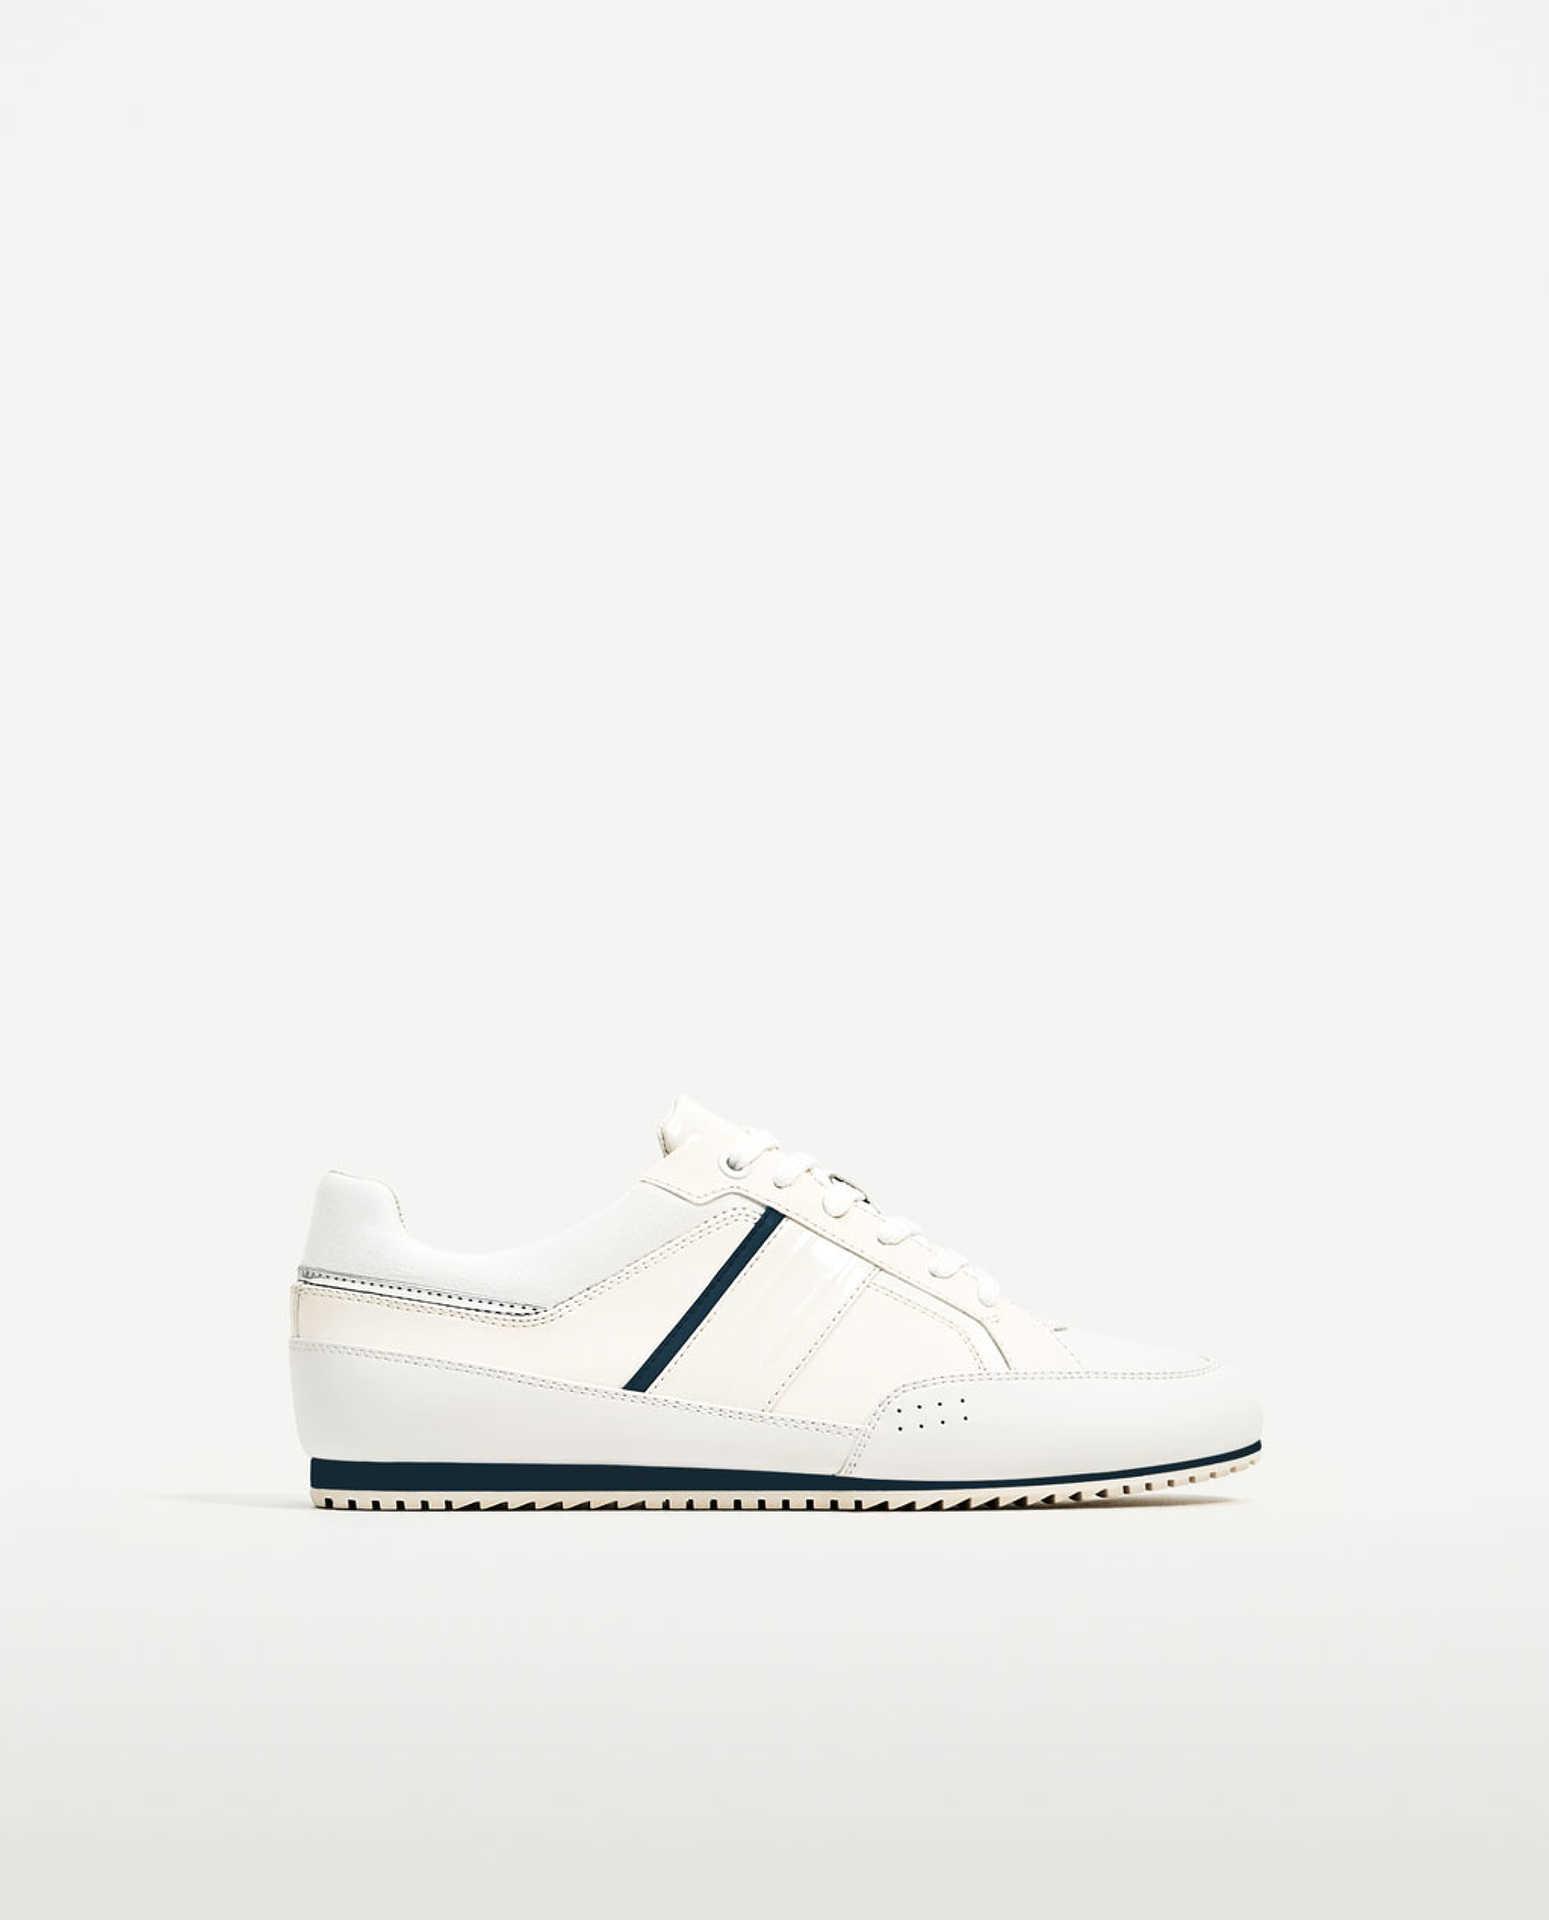 Tavasszal fehérben, Zara-ban.